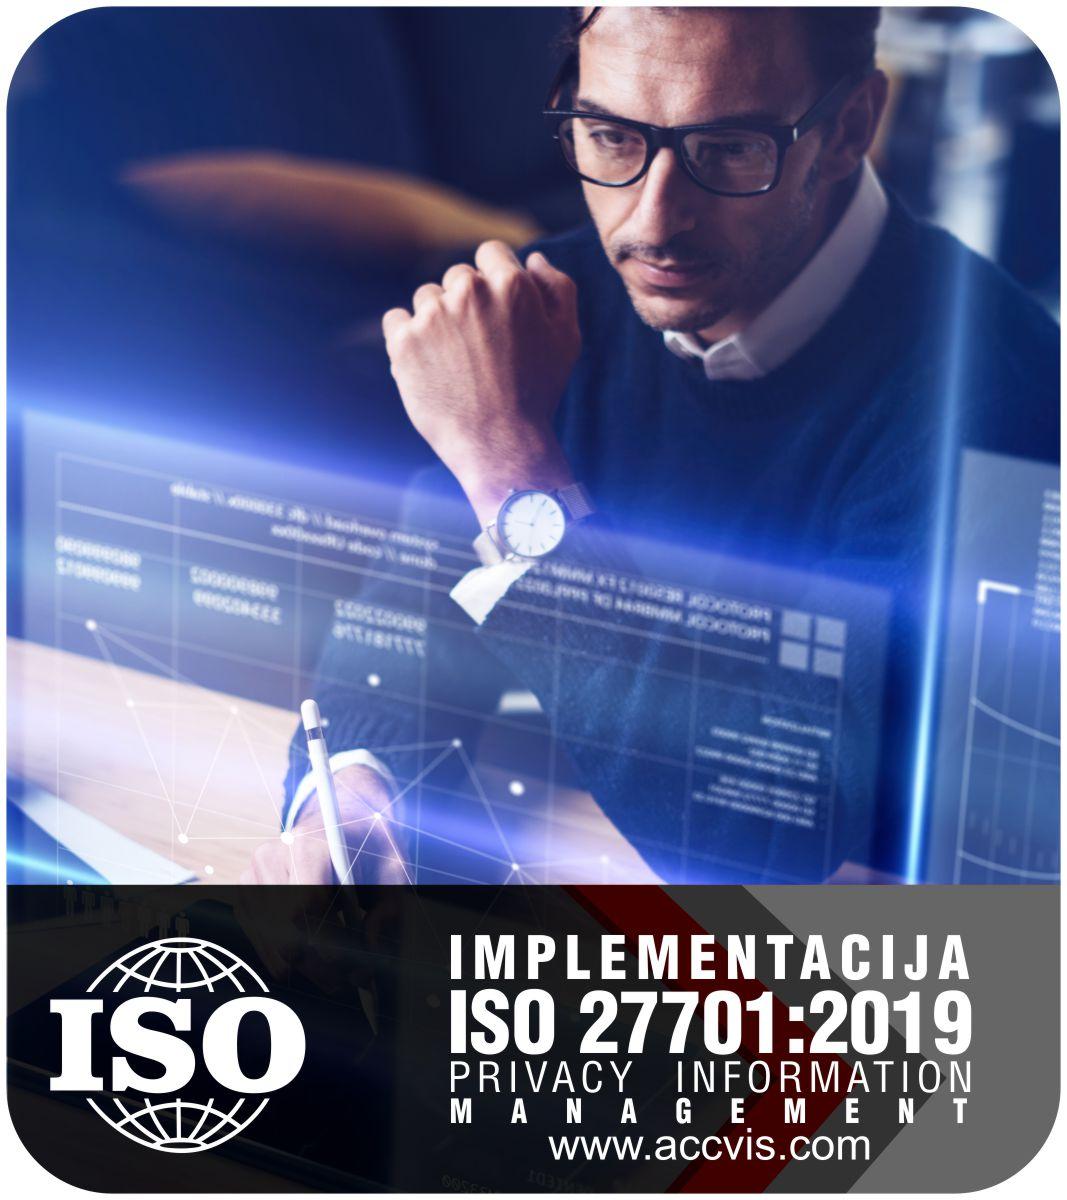 Uvodjenje standarda ISO 27701